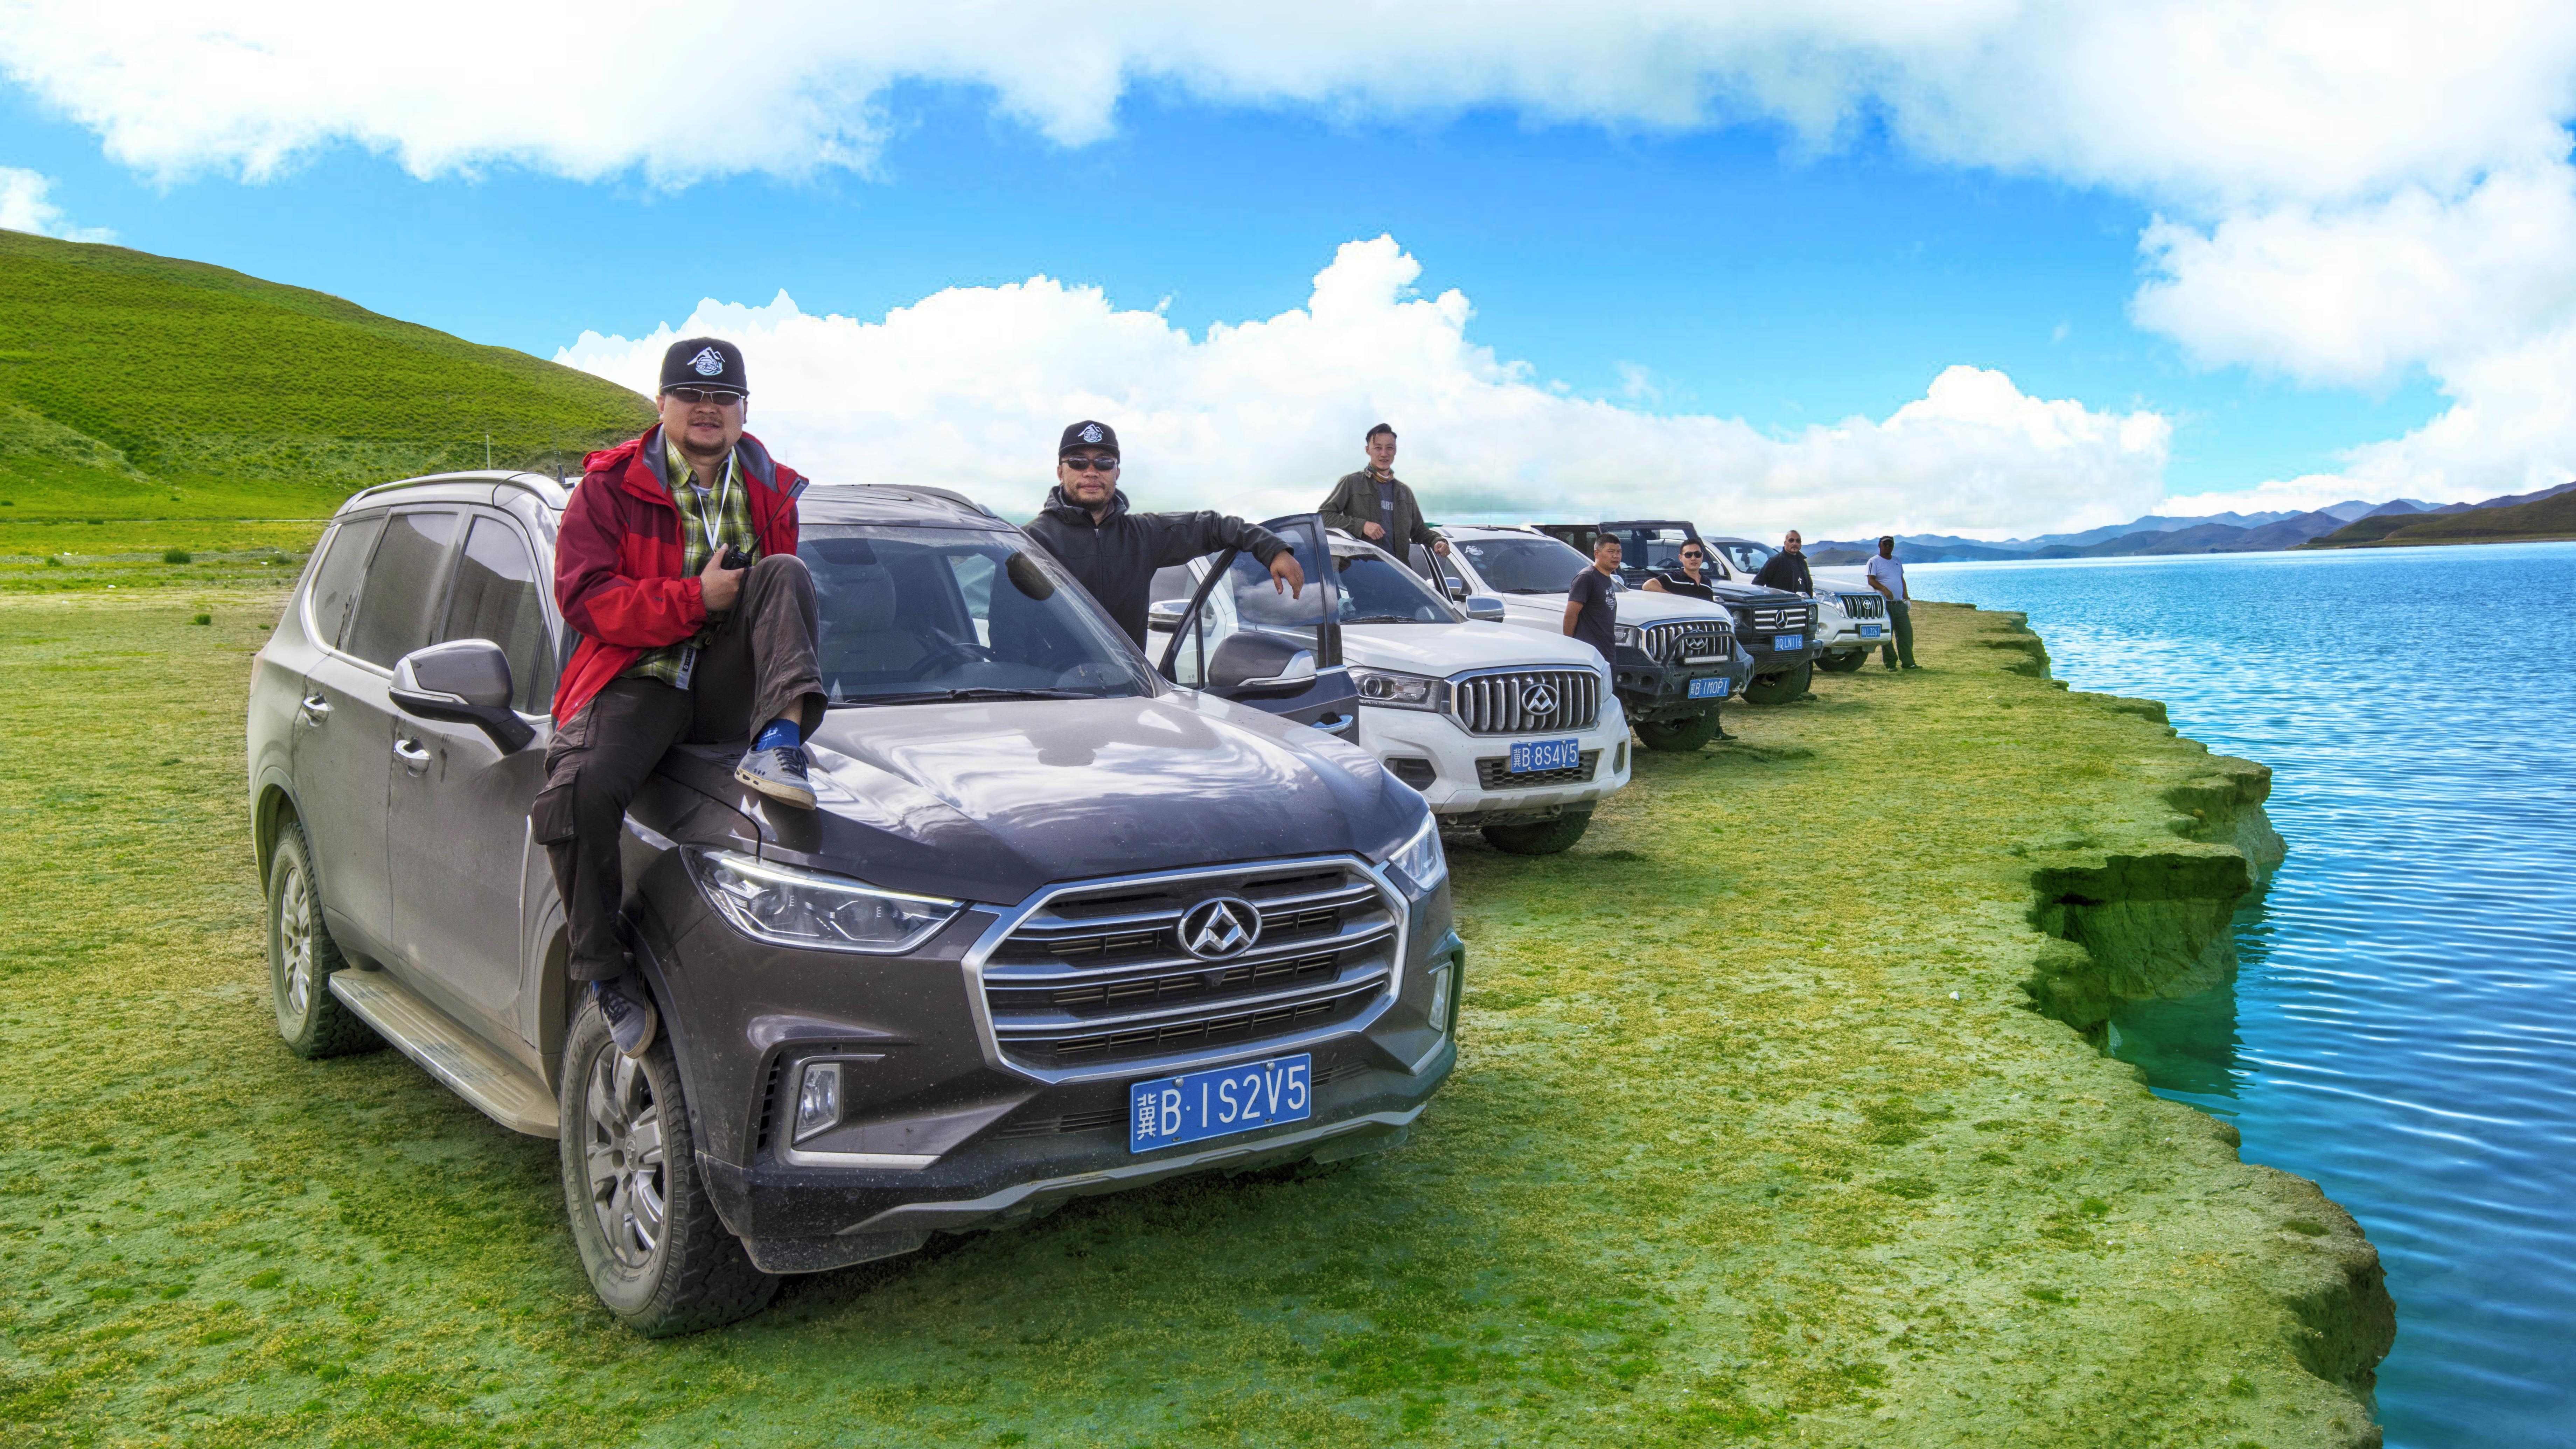 自驾进西藏选择这7条路线,带你穿越天堂般美景!